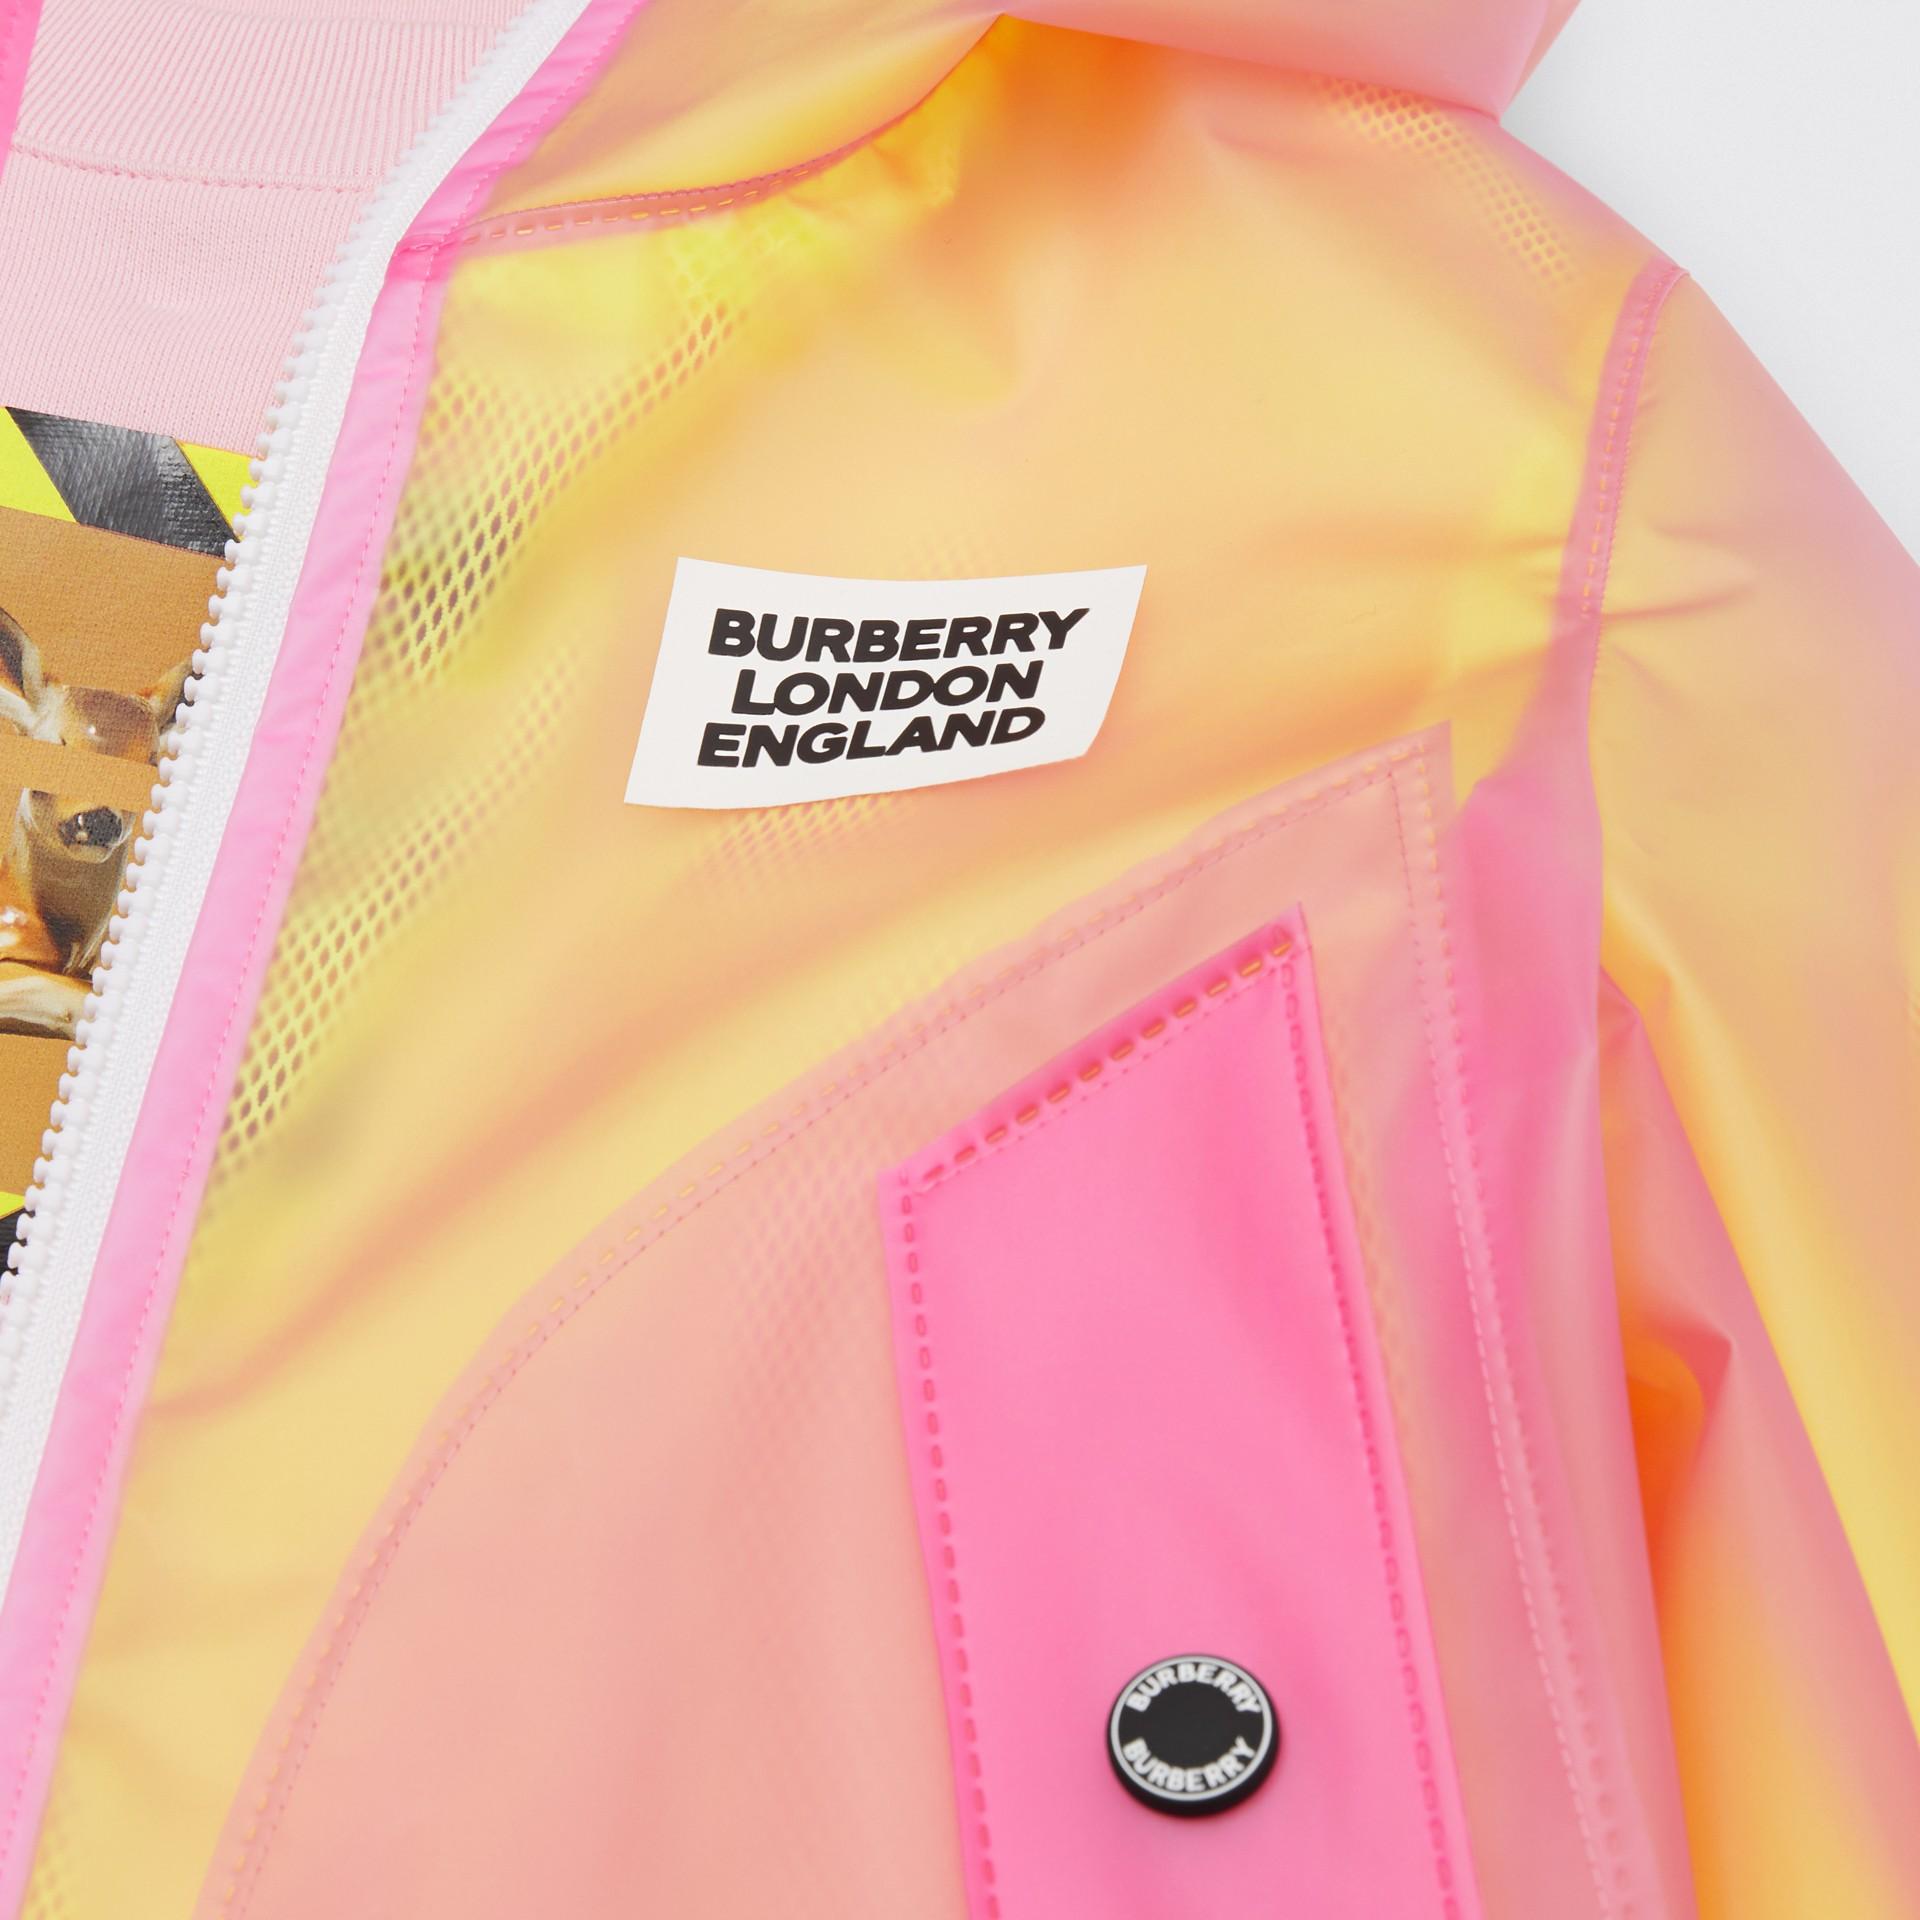 ロゴプリント ライトウェイト フーデッドジャケット (ラズベリーピンク)   バーバリー - ギャラリーイメージ 1